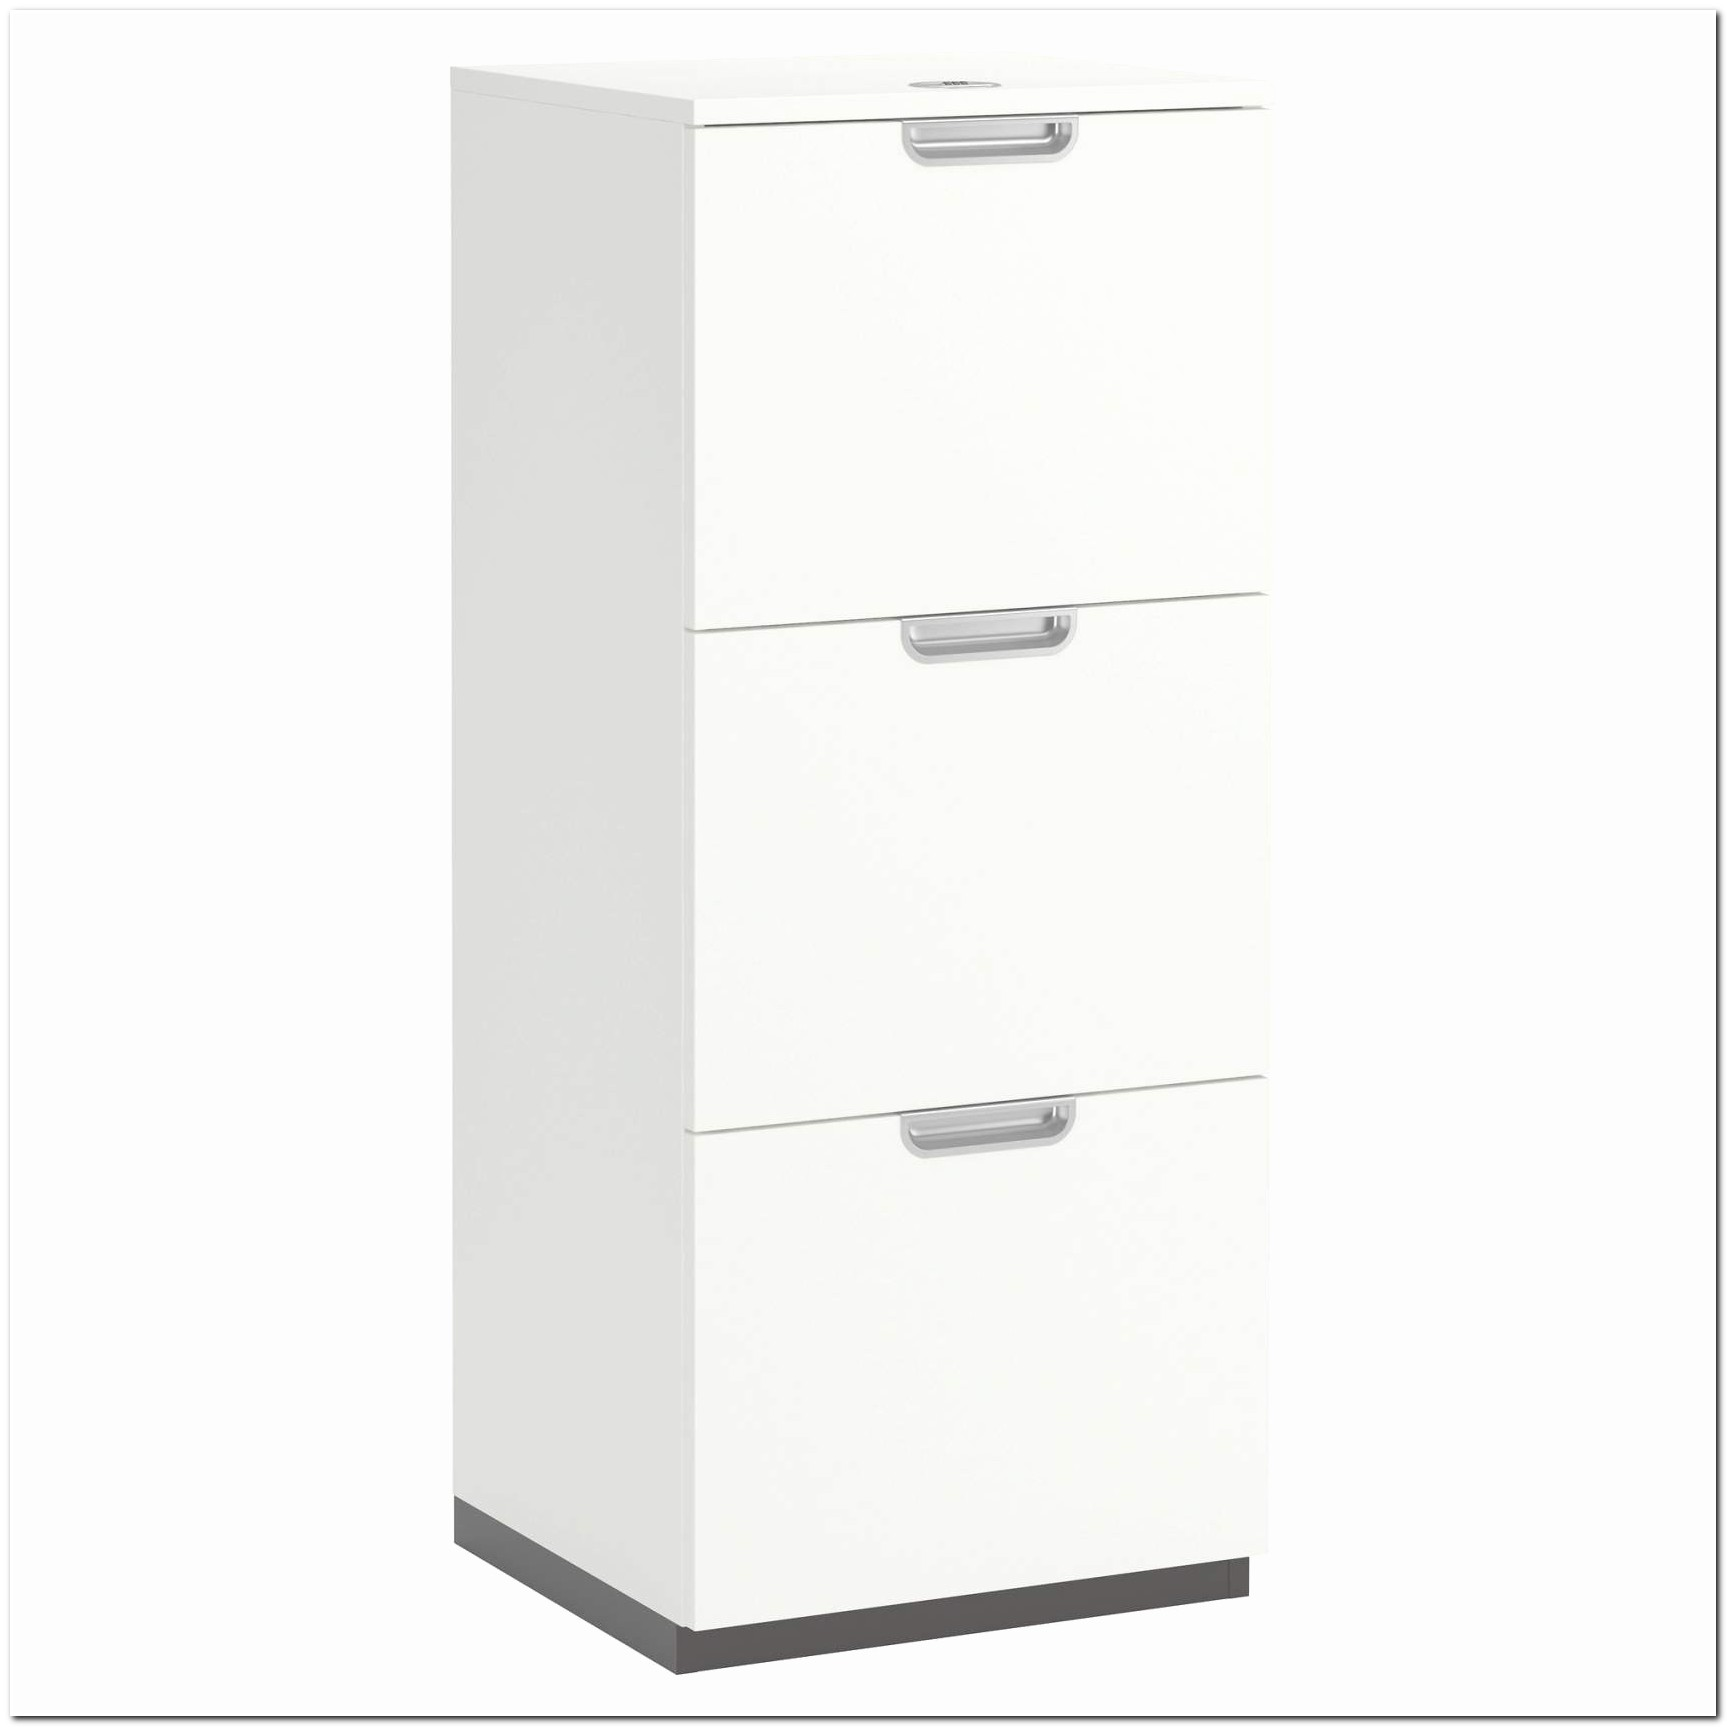 Meuble Dossier Suspendu Ikea